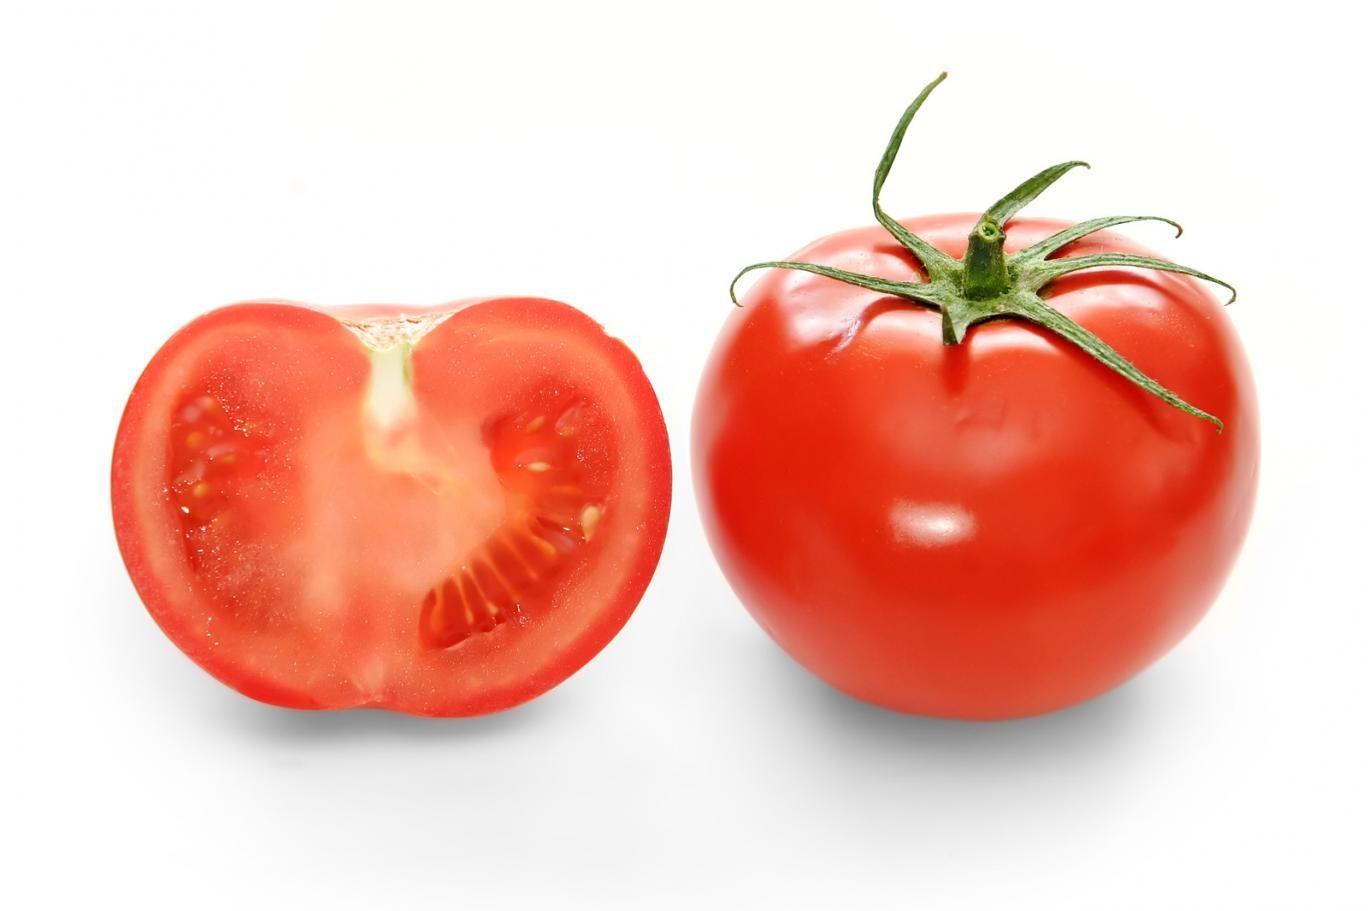 """بفضل بحوث الجينات، تُنتَجْ طماطم بنكهة شهيّة تشبه الأنواع البريّة منها (موقع """"ويكيبيديا.أورغ"""")"""